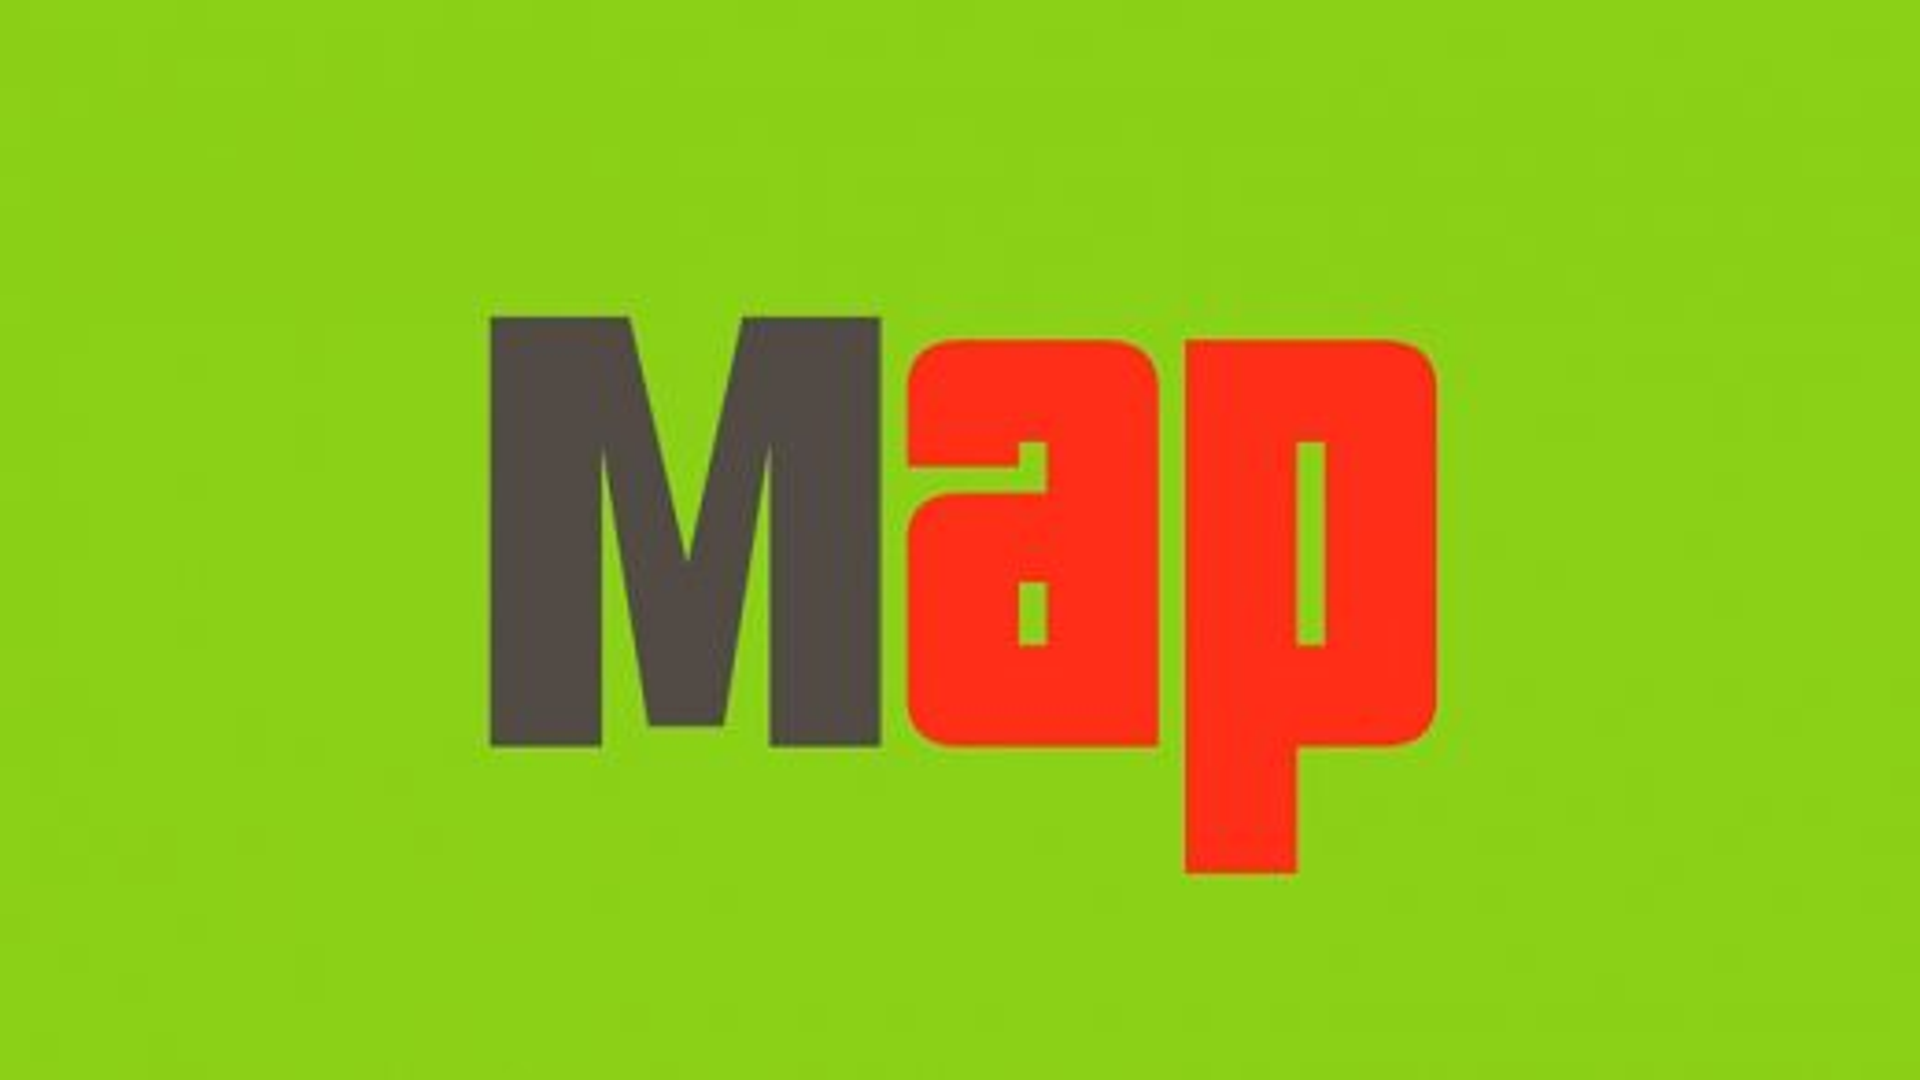 نقشه در انگلیسی | تگ